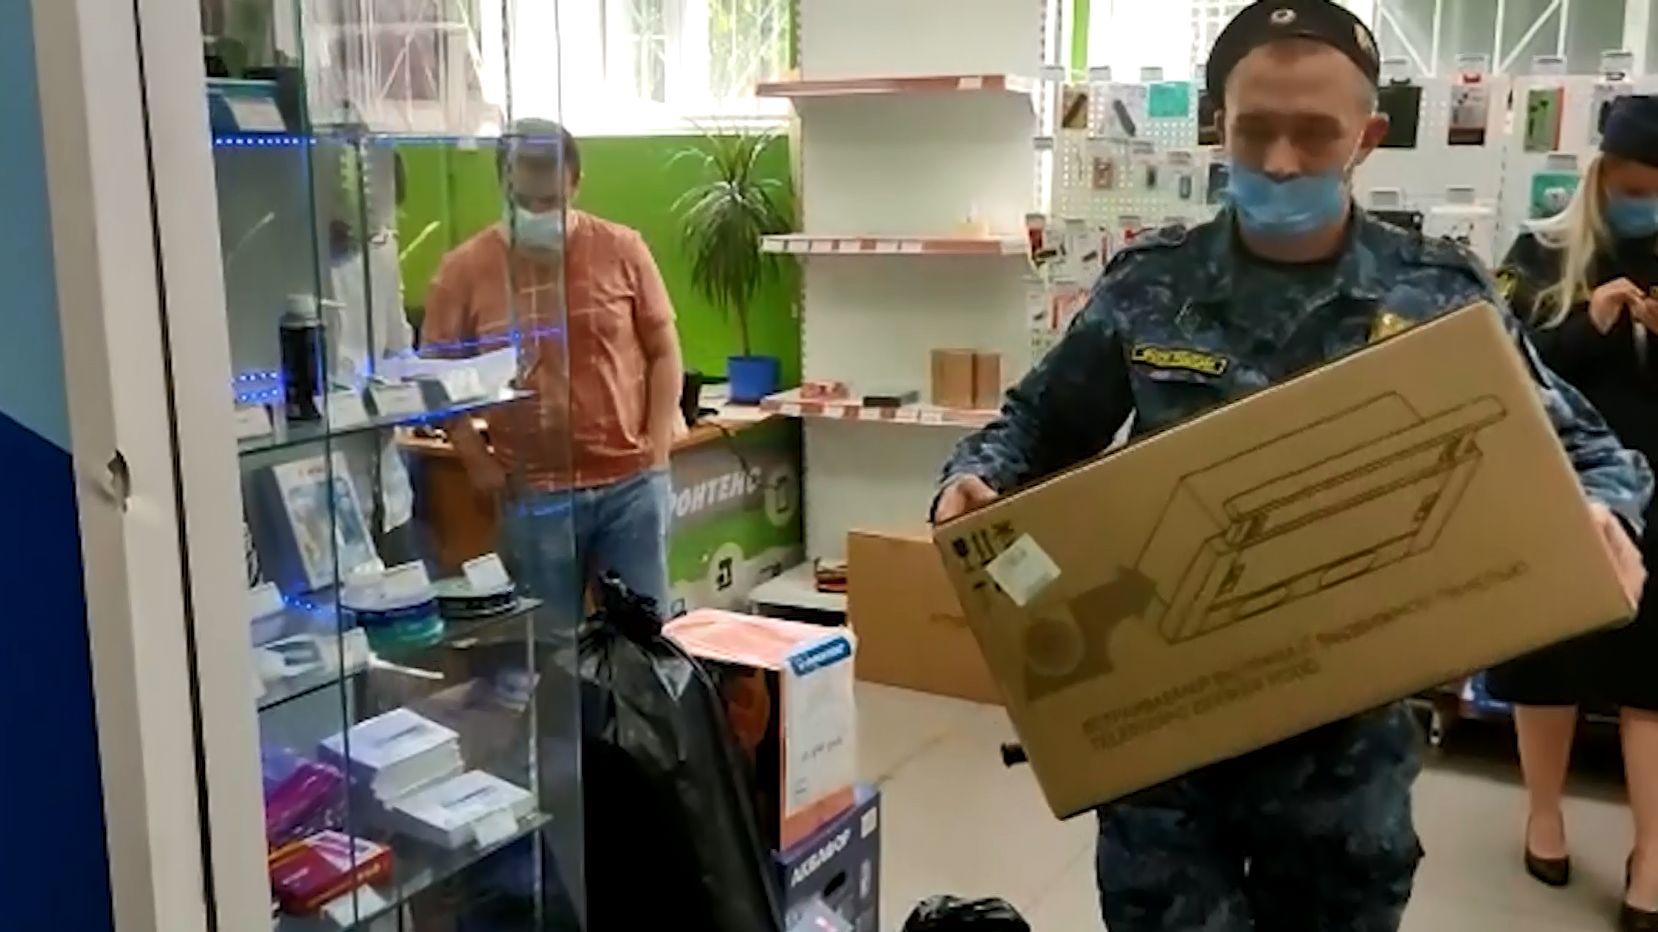 Коммерческая организация Ярославля обманула своих покупателей на 800 тысяч рублей